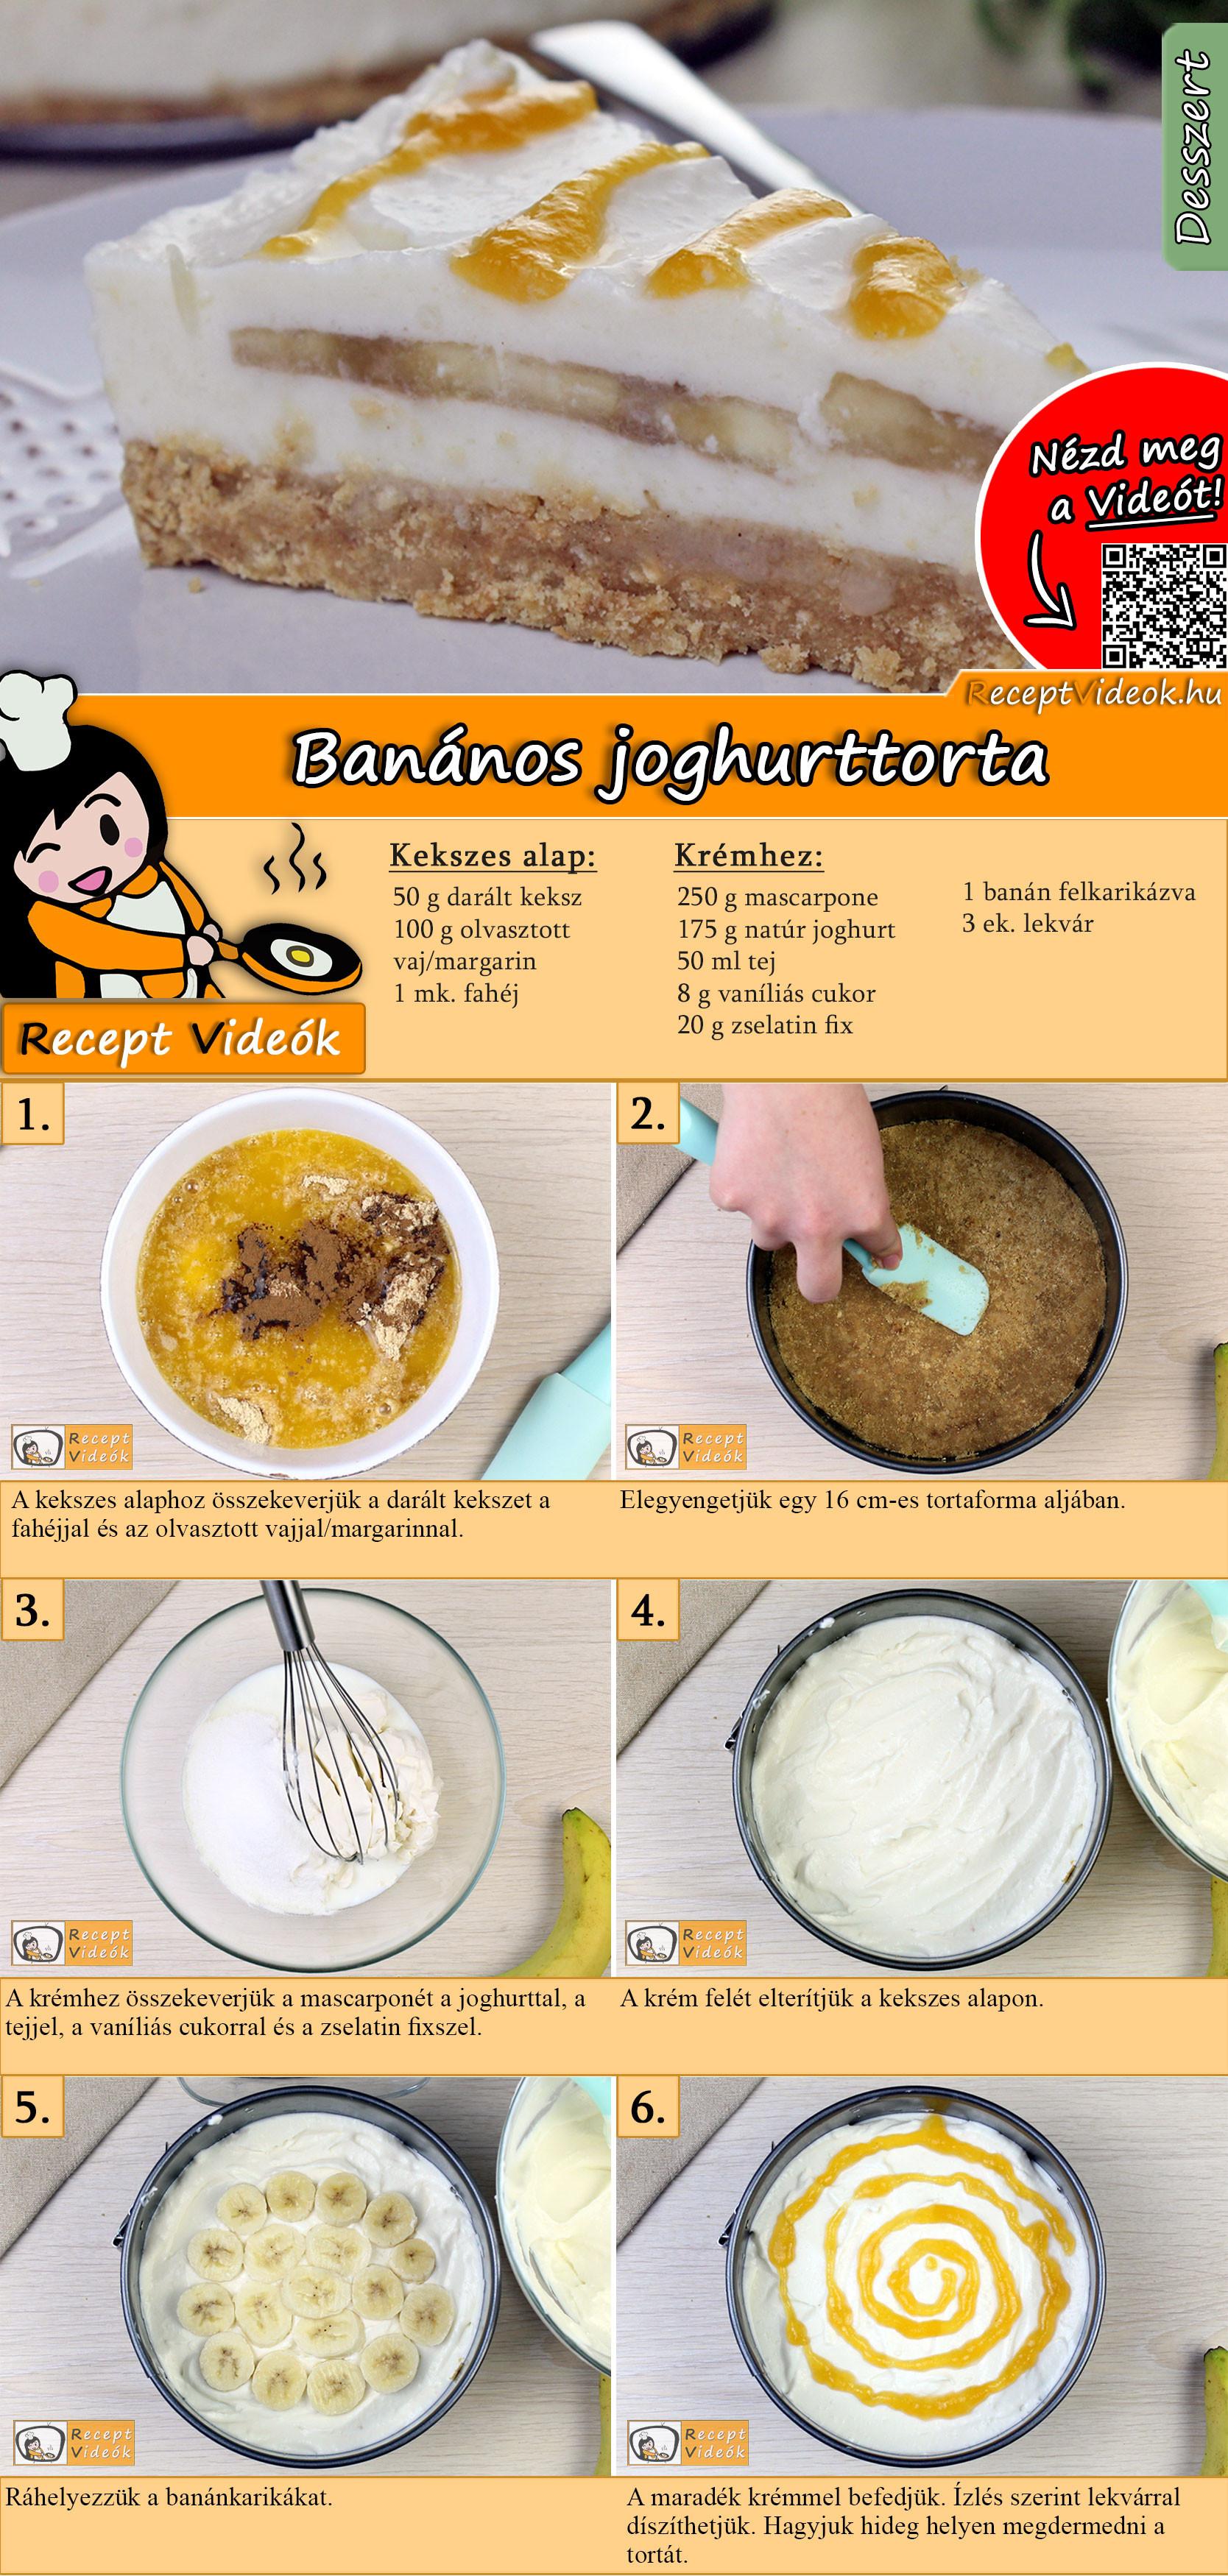 Banános joghurttorta recept elkészítése videóval